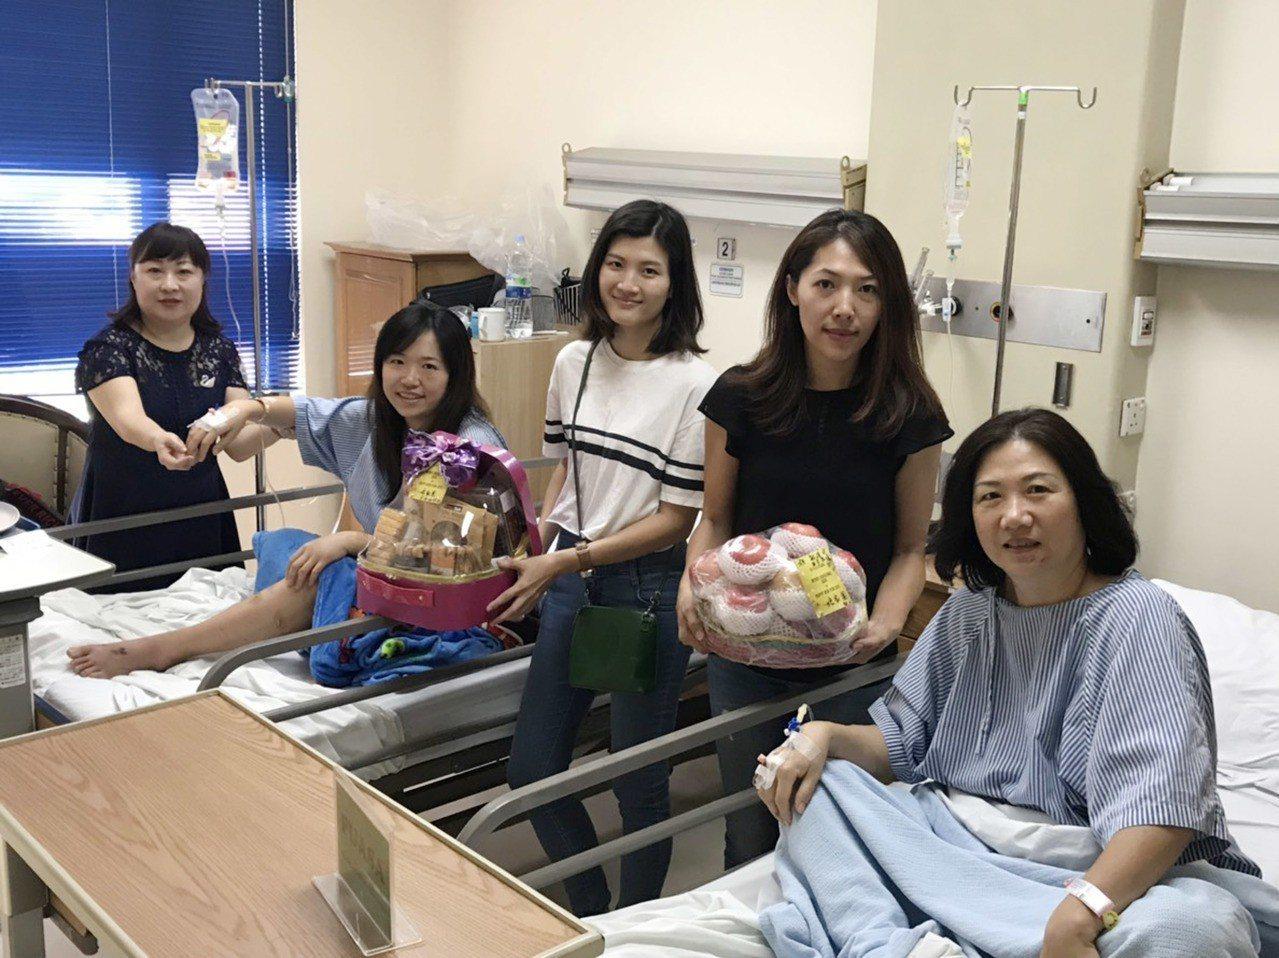 國人吳敏琪(左2)和家人赴印尼萬丹省旅遊遇海嘯受傷後脫困。她說,發生災難時,「我...